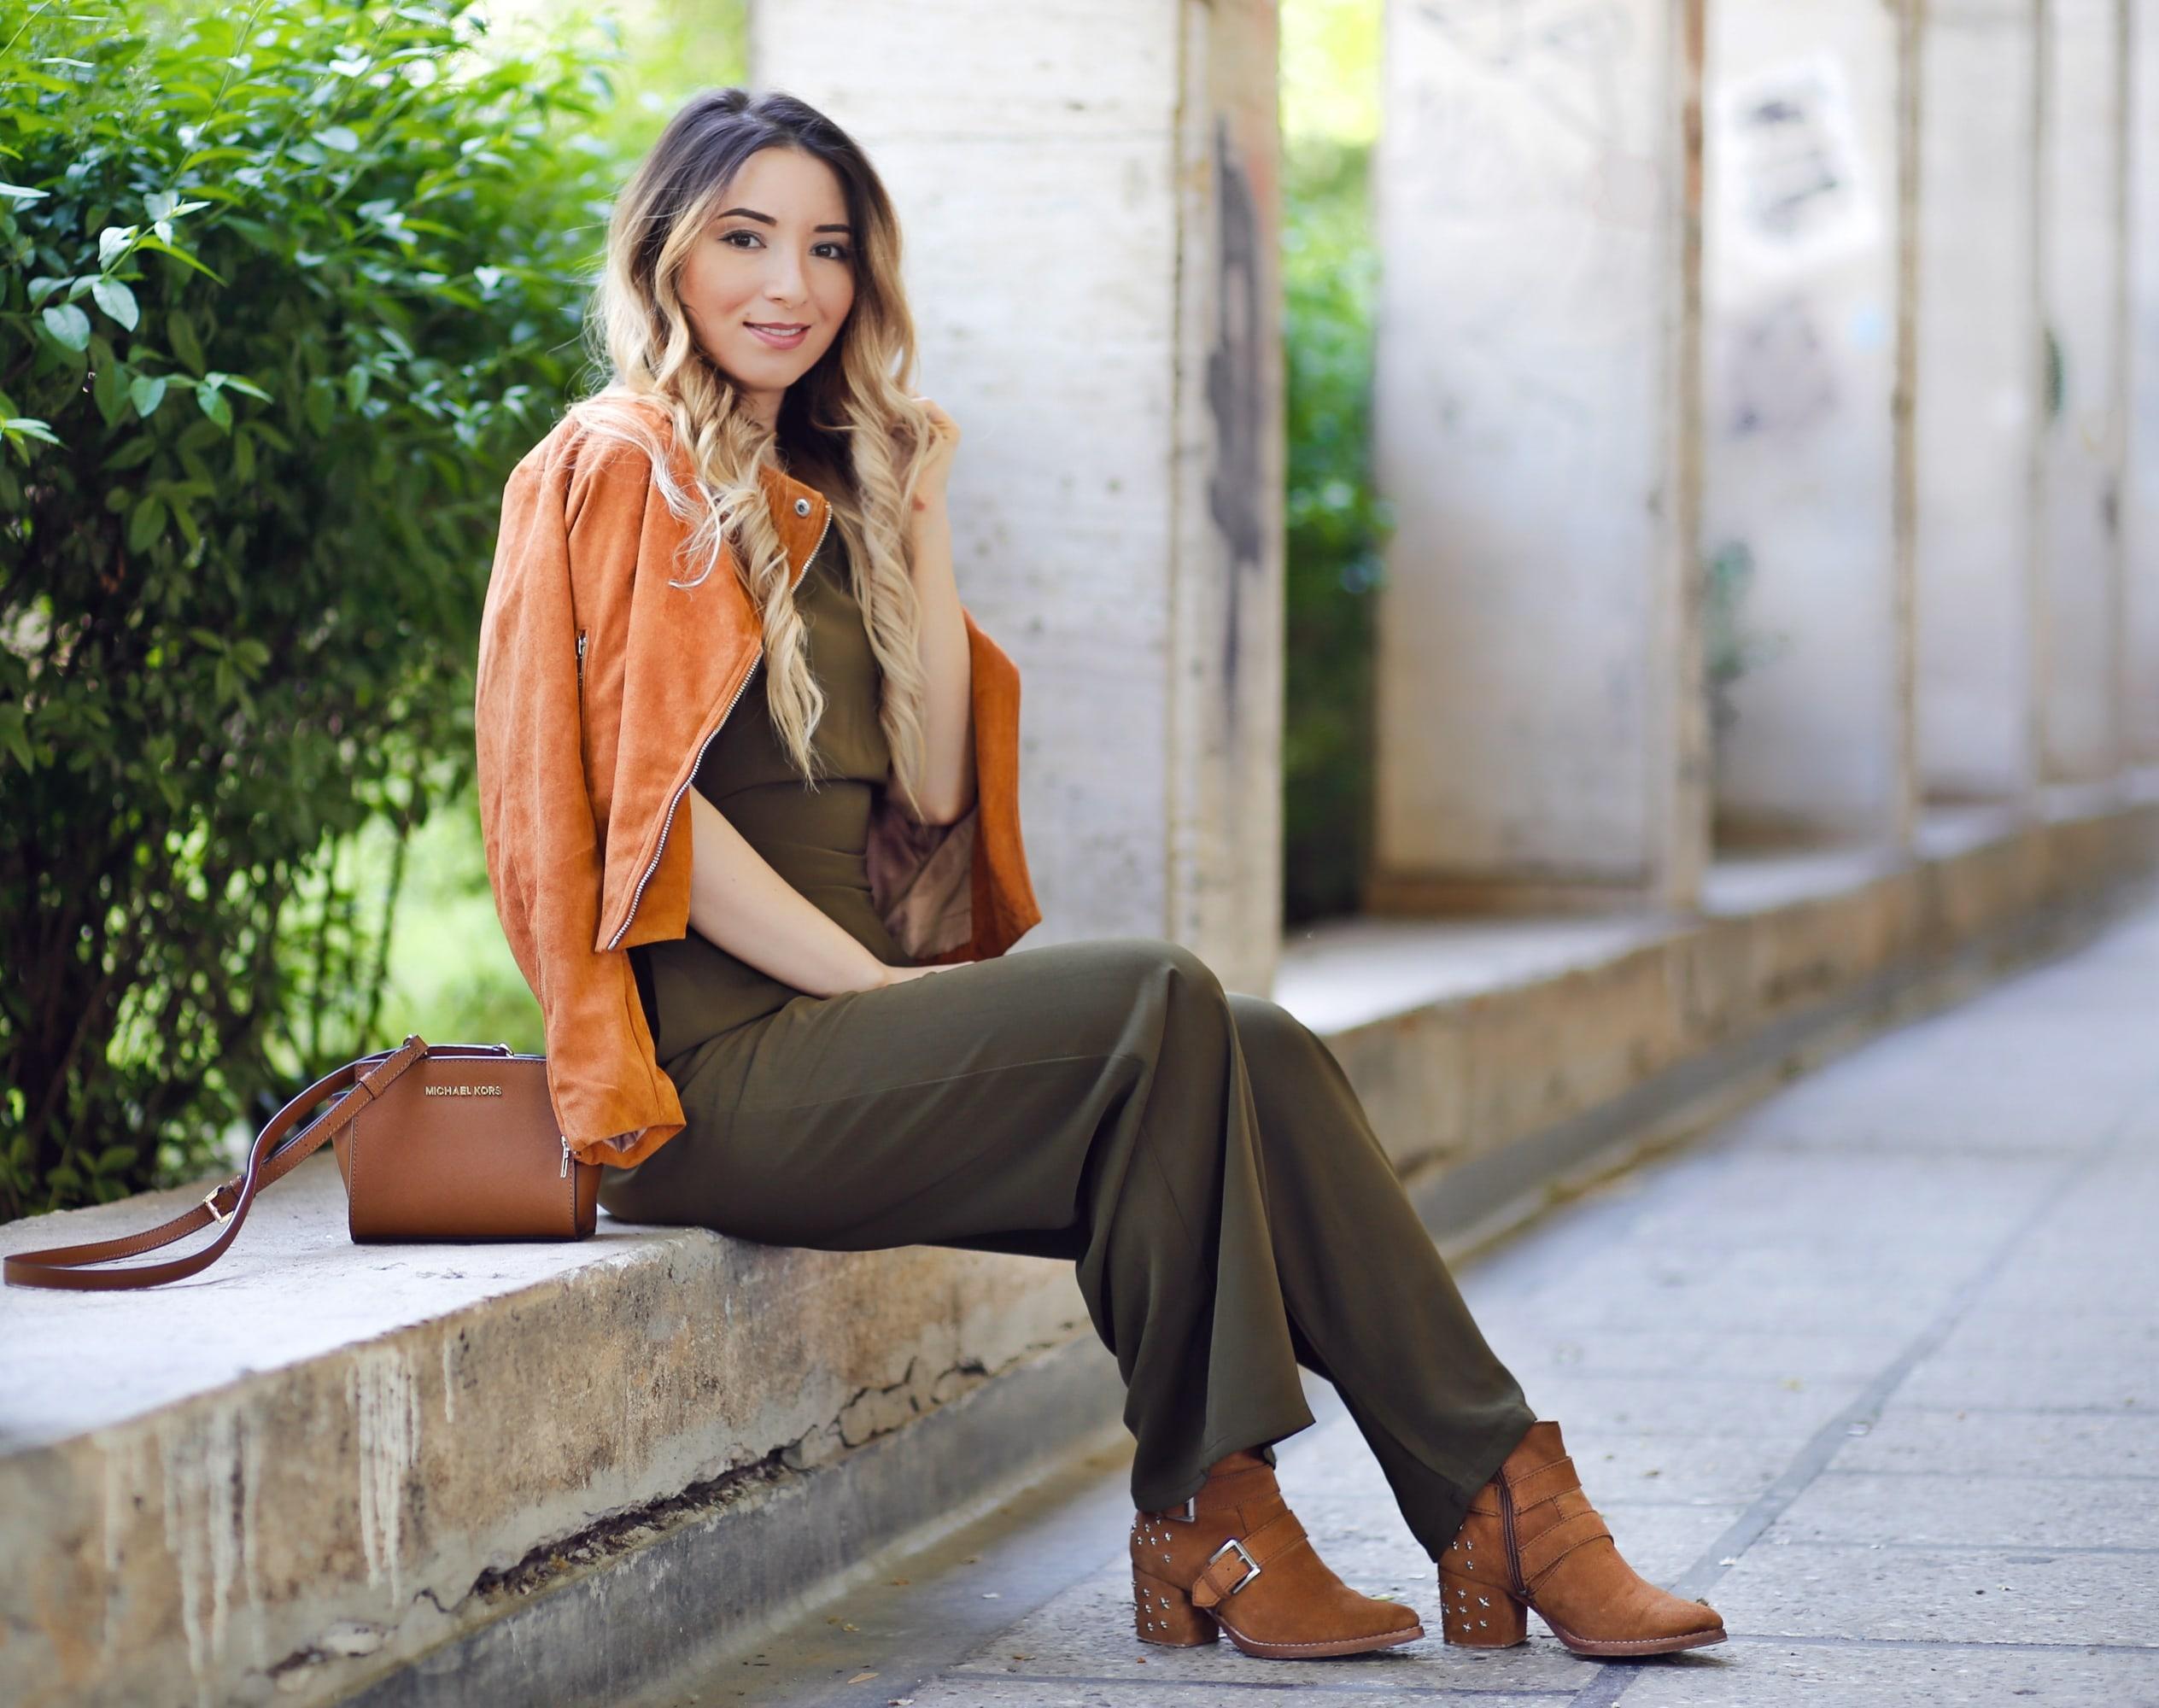 Andreea Ristea - tinuta de primavara, salopeta lejera, vaporoasa, verde militar, jacketa tip suede, imitatie piele caprioara, SheIn